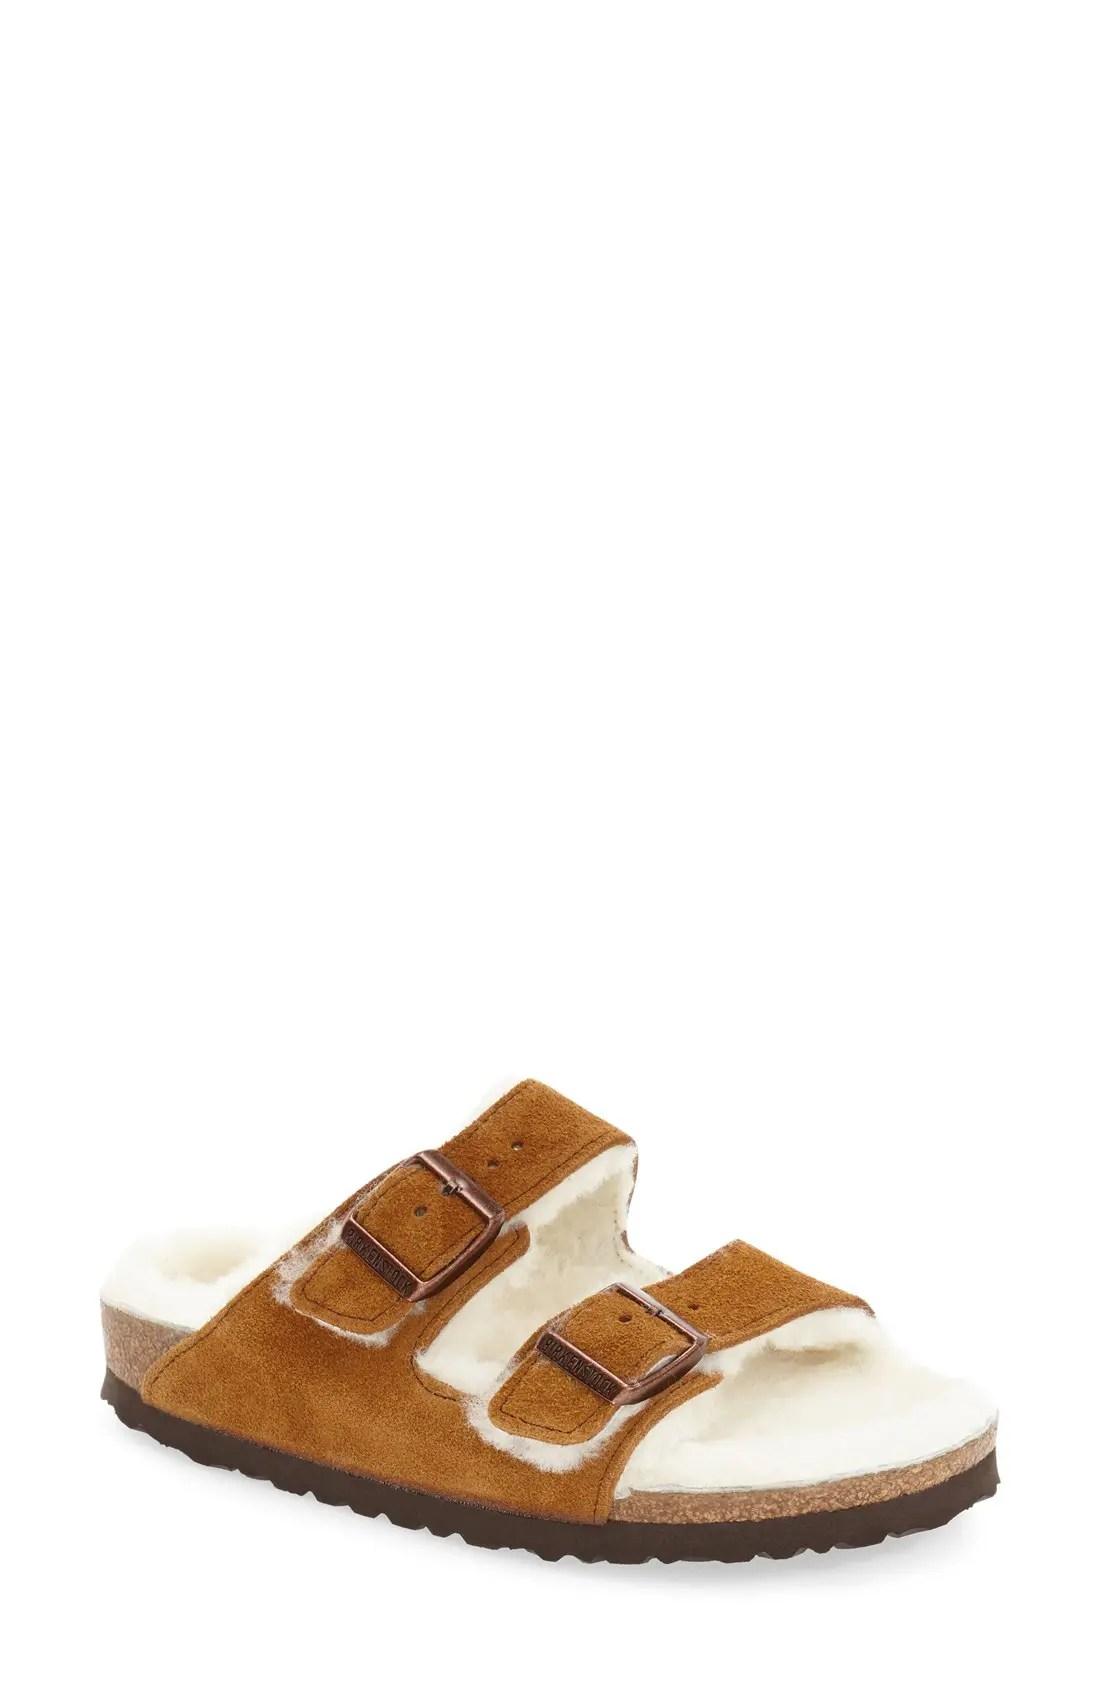 BIRKENSTOCK 'Arizona' Genuine Shearling Lined Sandal, Main, color, MINK SUEDE